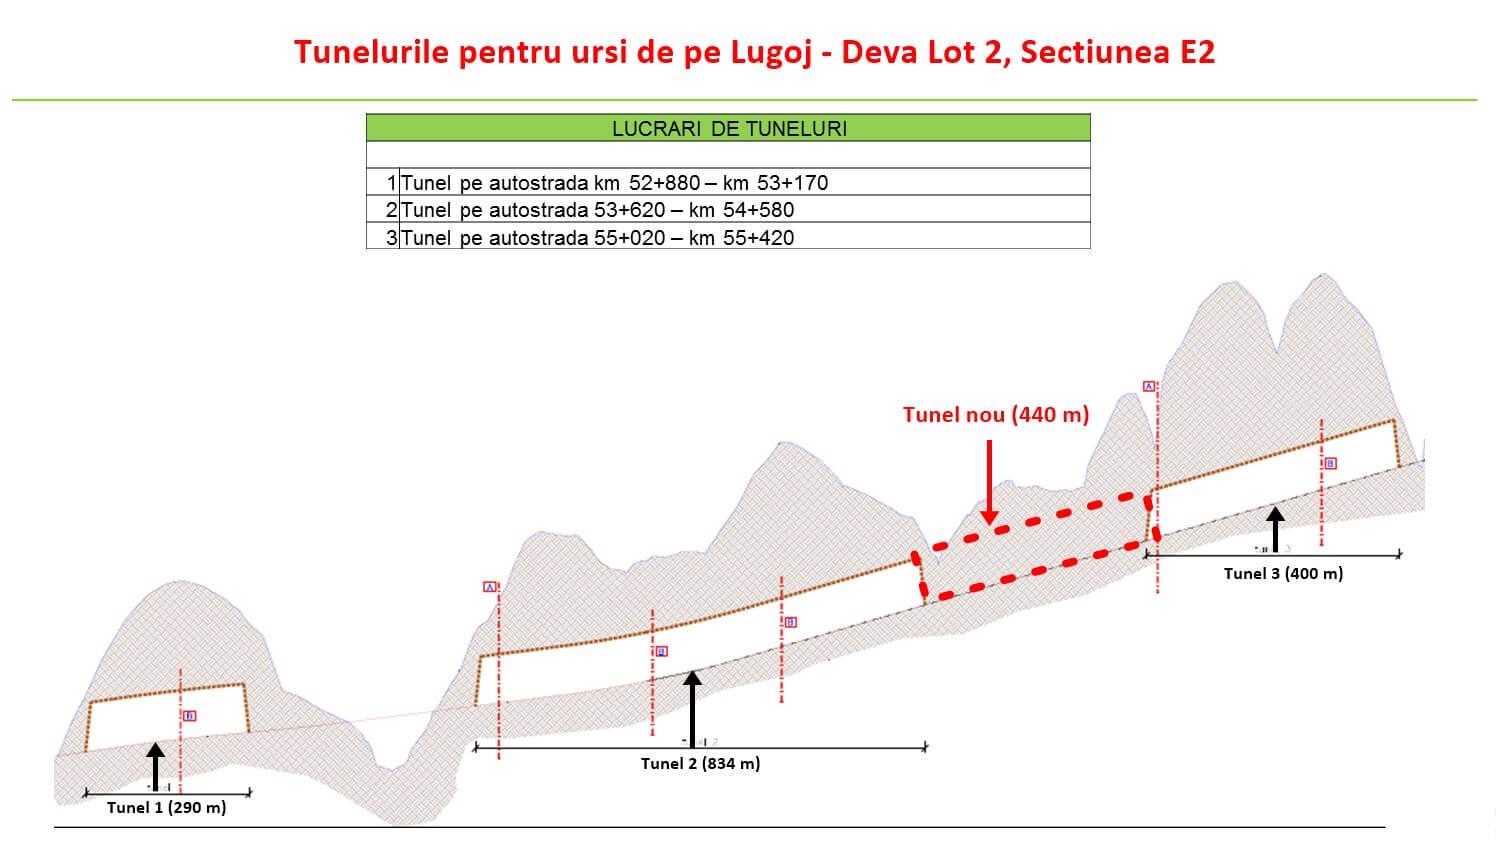 Cătălin Drulă: Nota de plată pentru rezilierea abuzivă și ilegală a contractului Autostrăzii Lugoj-Deva lotul 2: peste 230 de milioane de lei